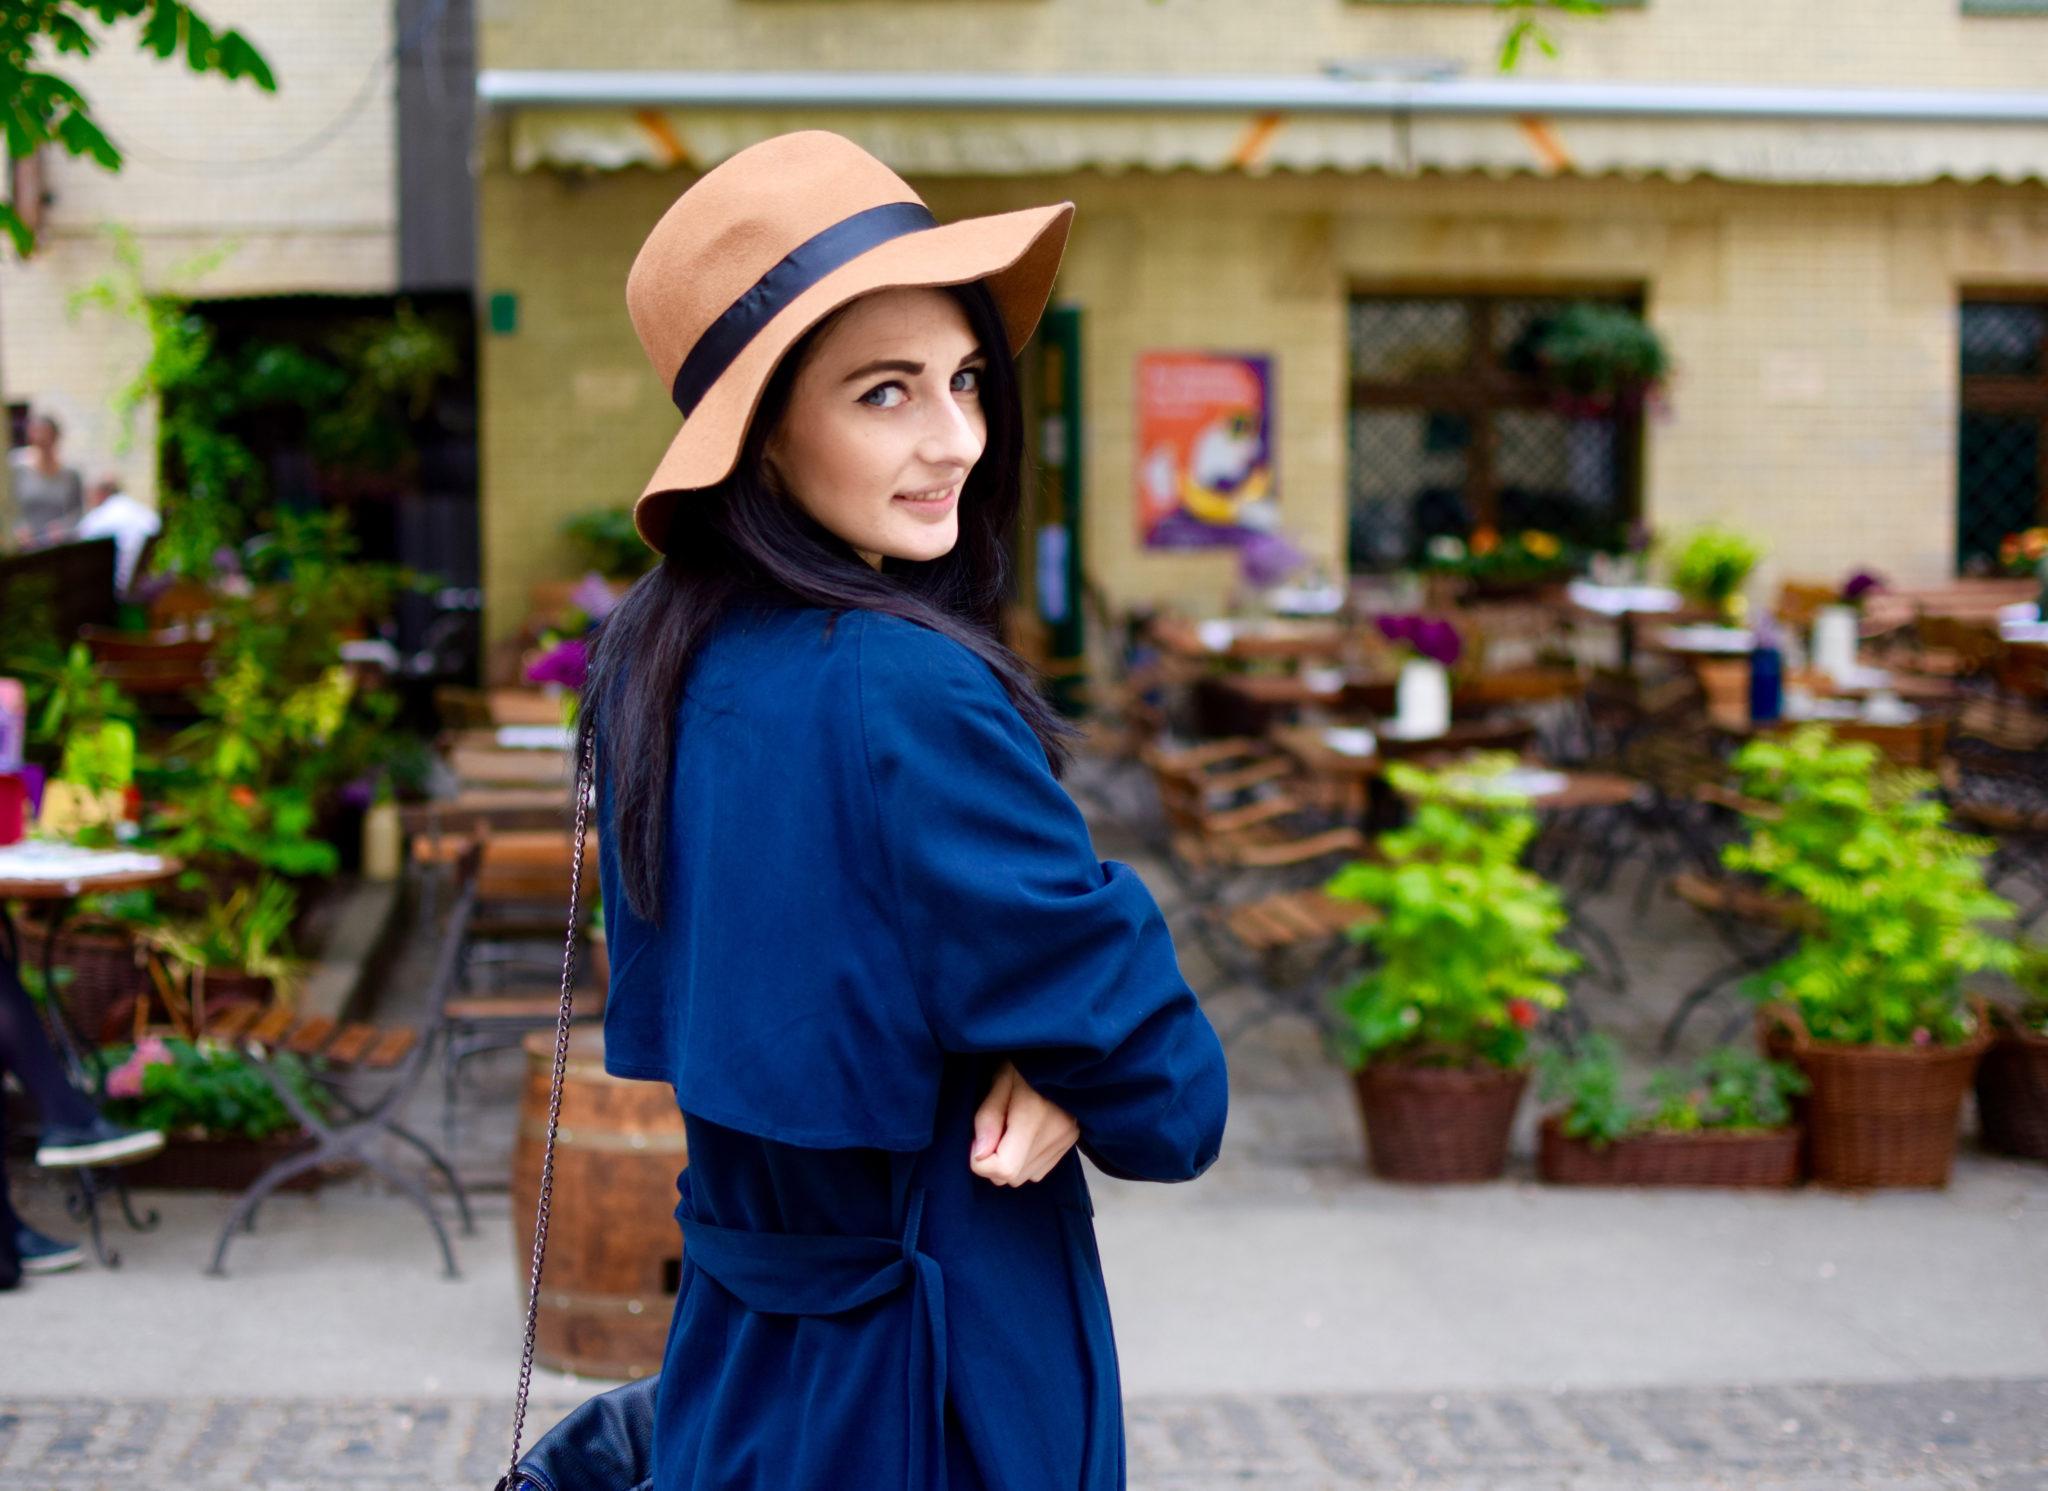 Dziewczyna w niebieskiej sukinece i słomkowym kapeluszu